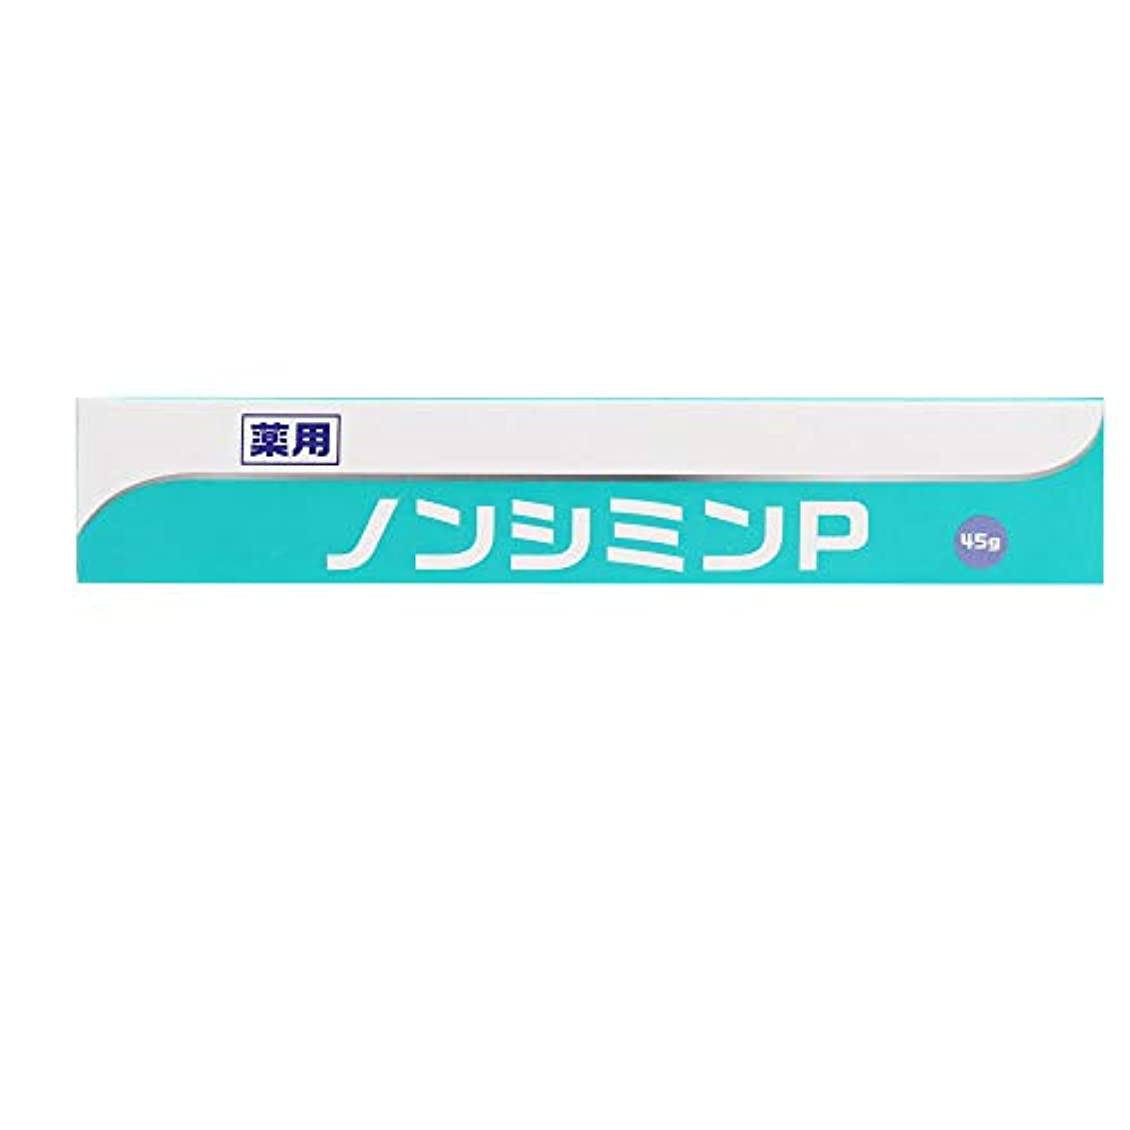 精神的にアジア人こしょう薬用ノンシミンP 45g ジェルタイプ 医薬部外品